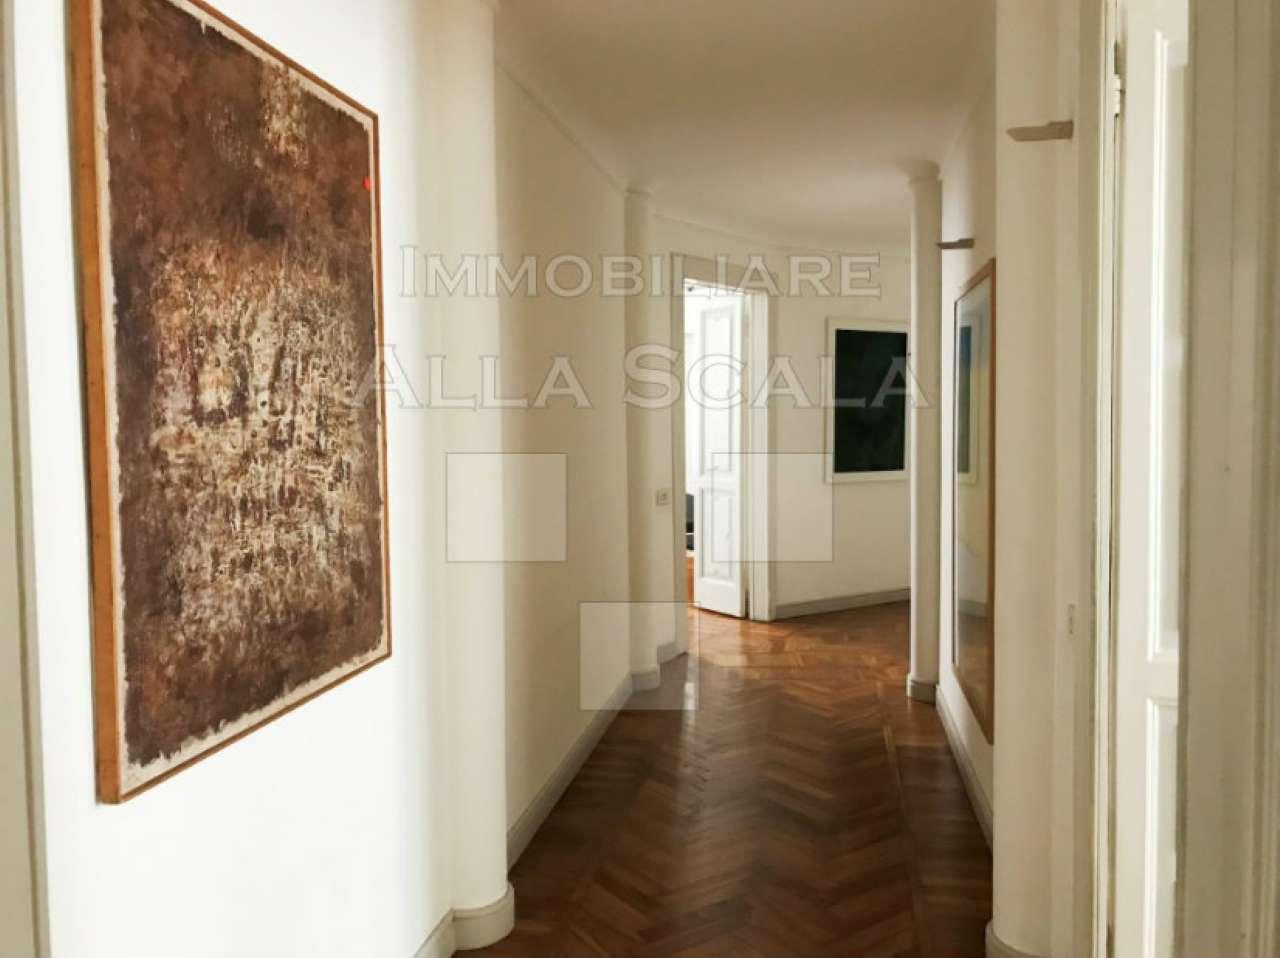 Appartamento in affitto a Milano, 5 locali, zona Zona: 1 . Centro Storico, Duomo, Brera, Cadorna, Cattolica, prezzo € 4.585 | CambioCasa.it